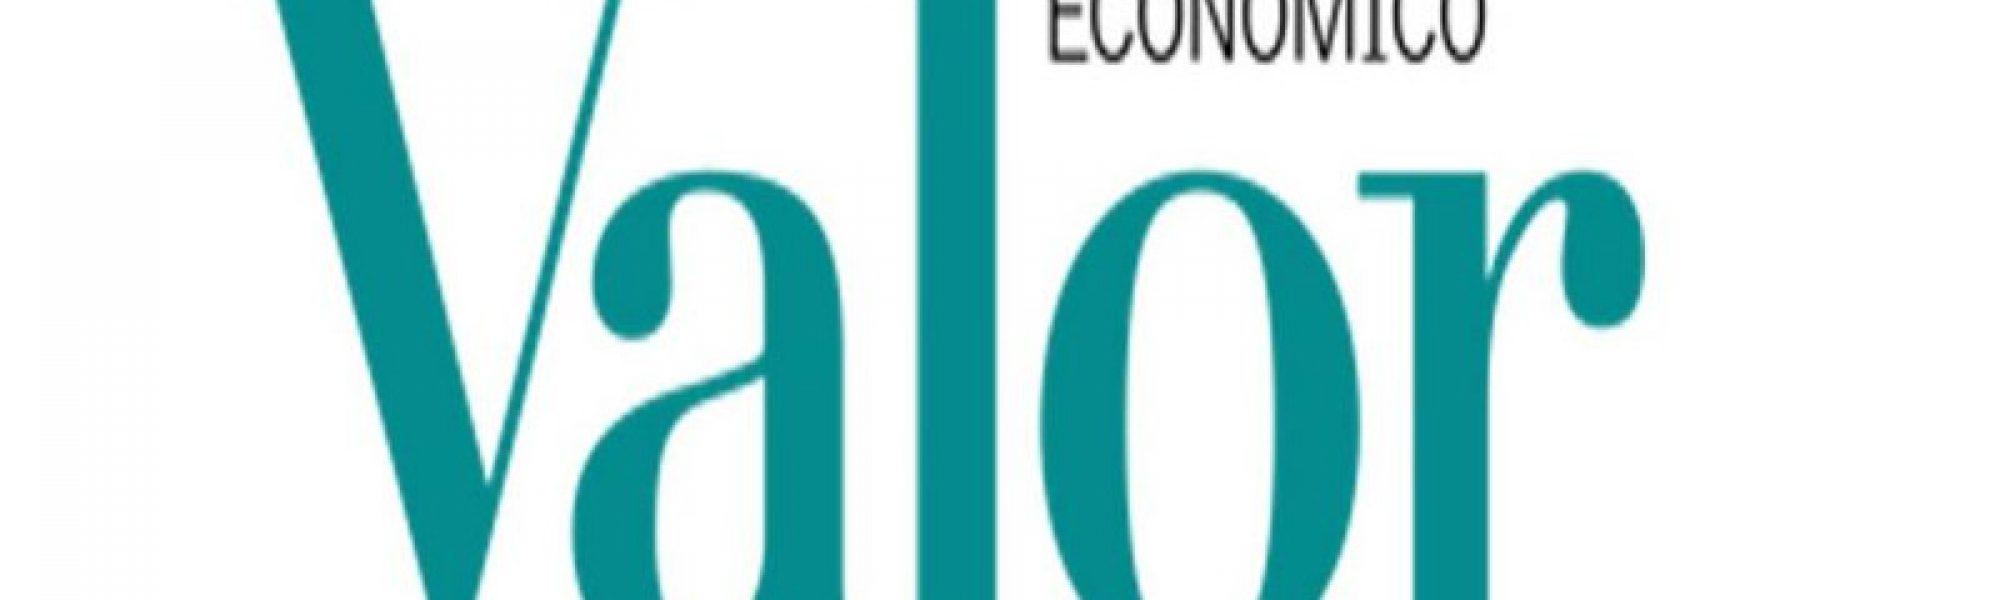 logo-valor-economico